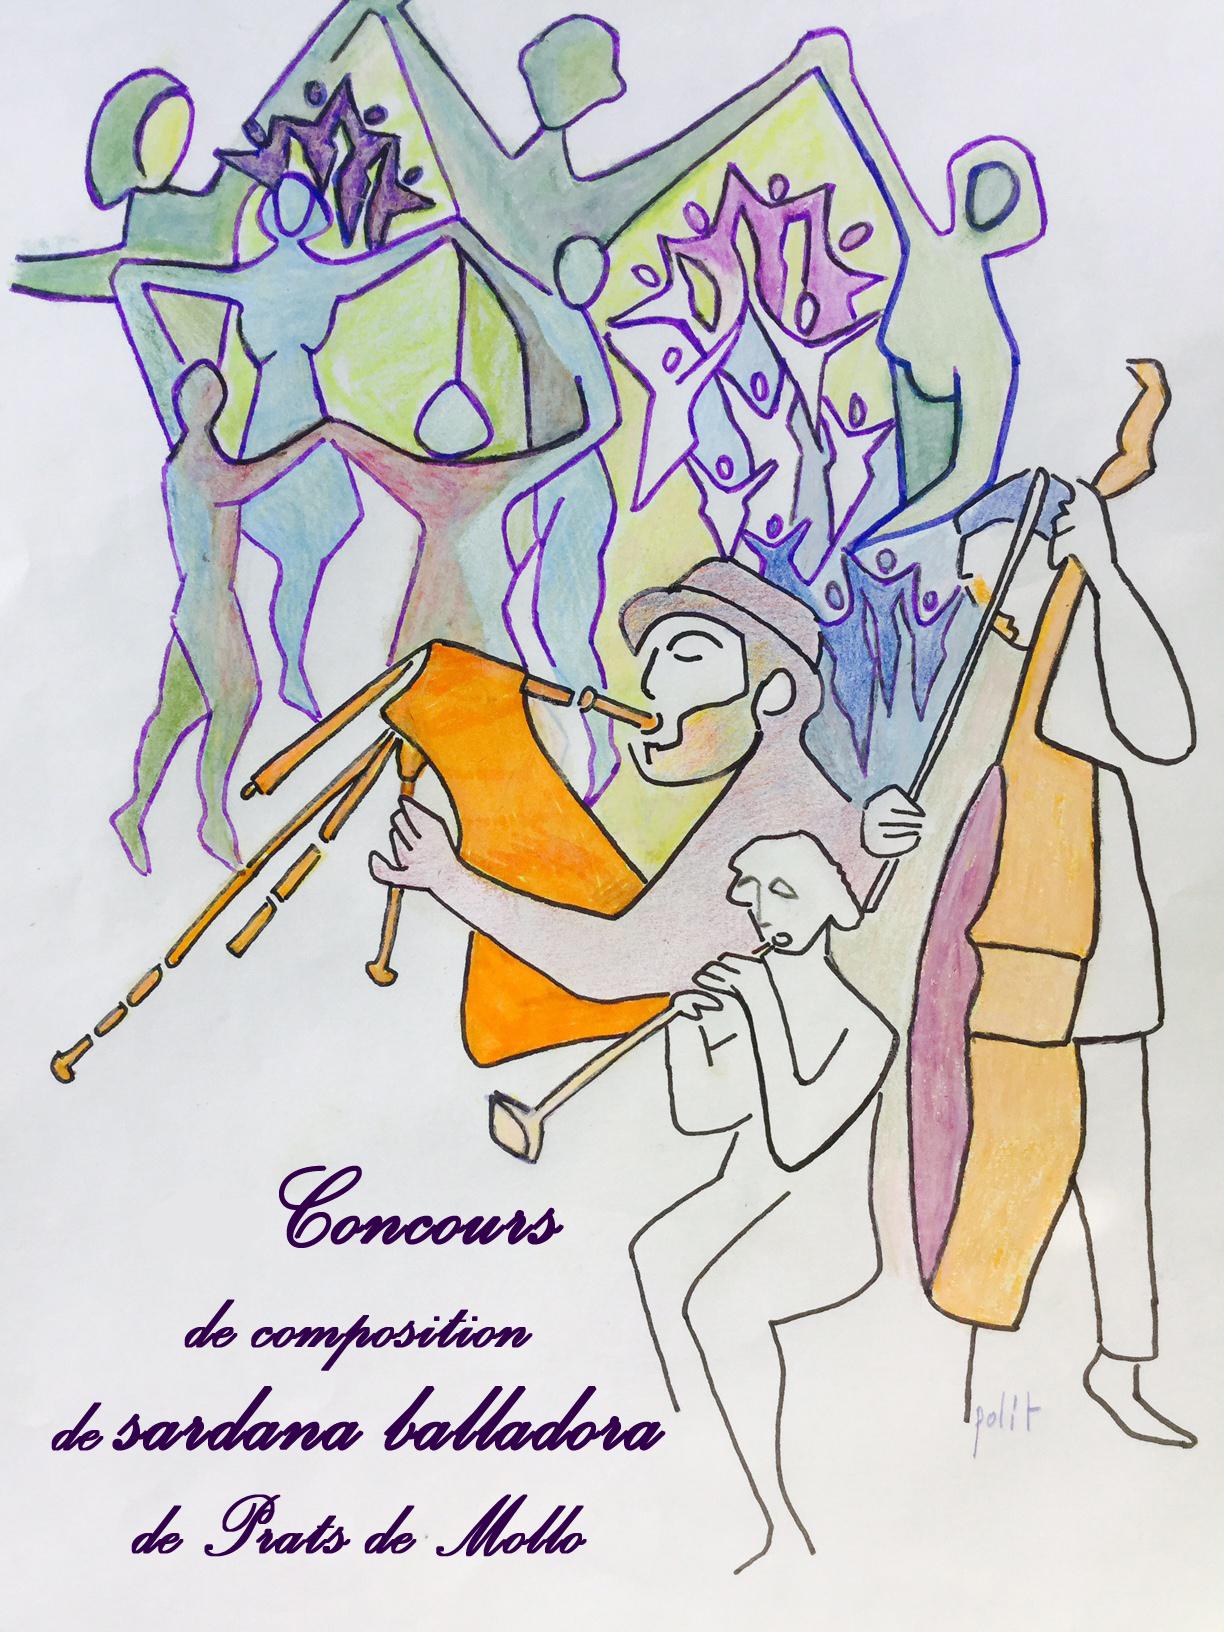 2ème Prix de Composition de sardanes à danser en Vallespir